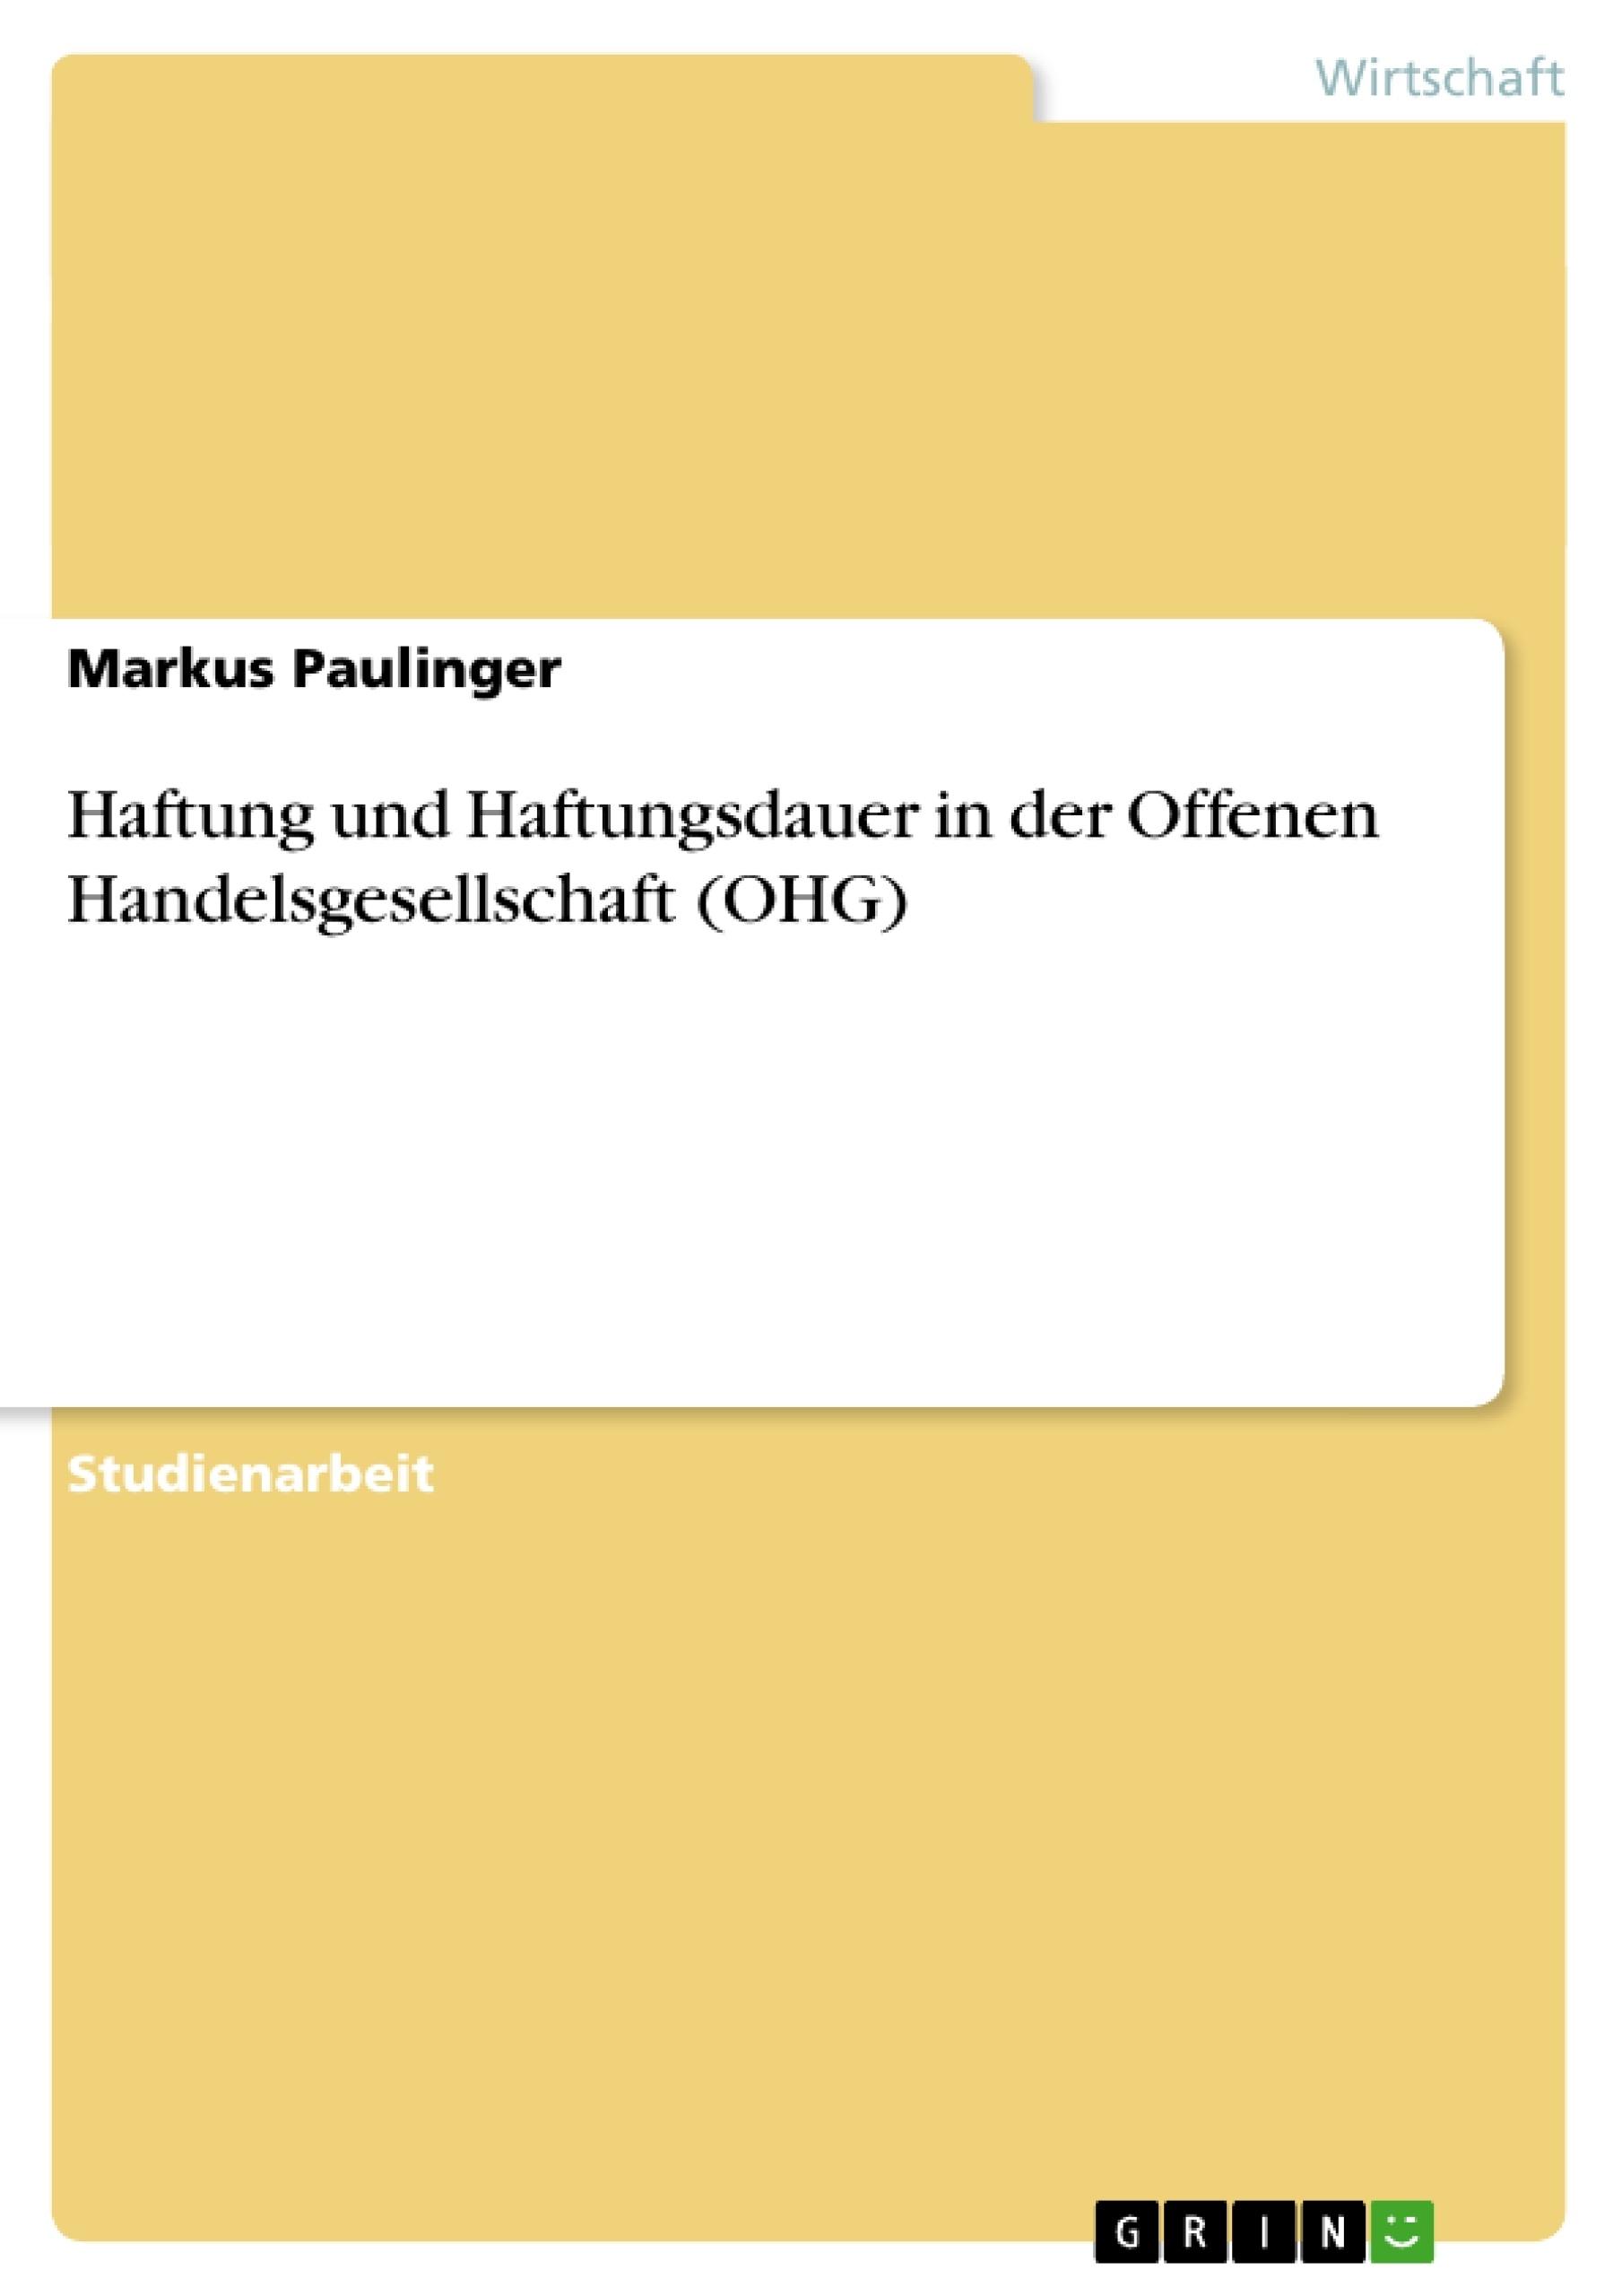 Titel: Haftung und Haftungsdauer in der Offenen Handelsgesellschaft (OHG)